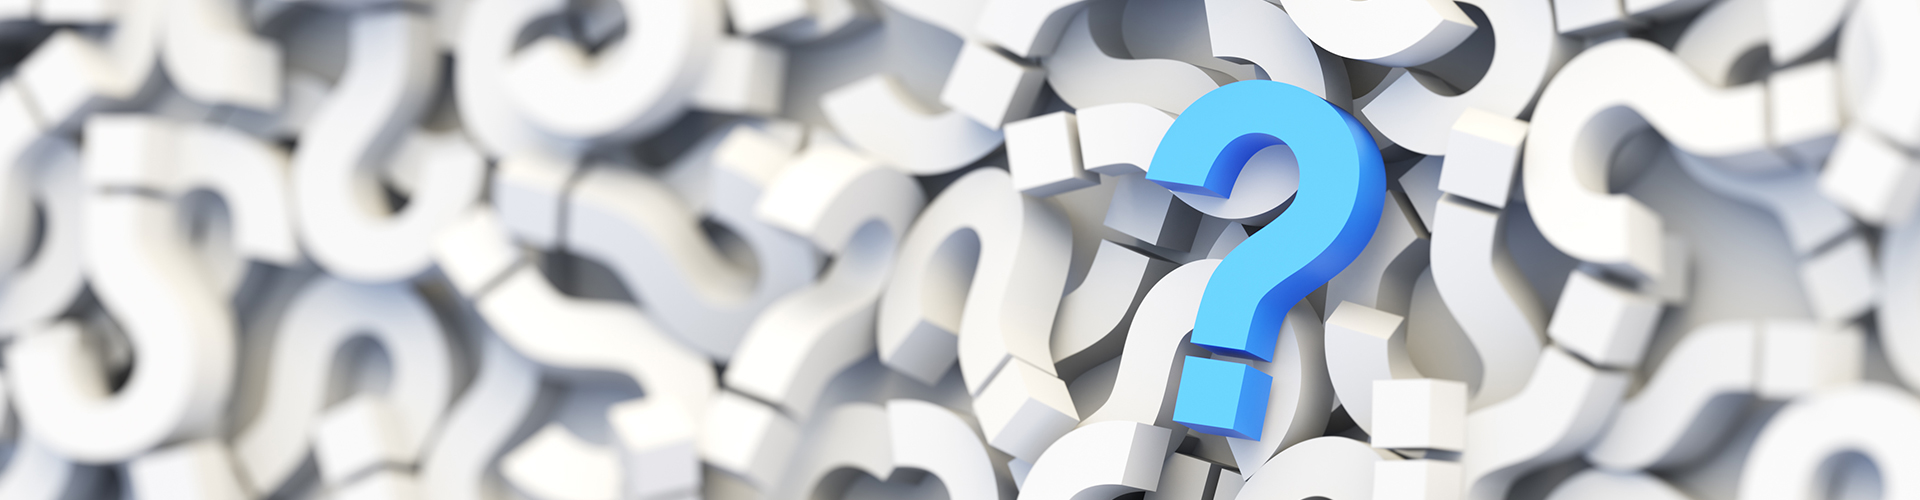 Schaffon.de Fragen und Antworten zum Pflegedienstverkauf